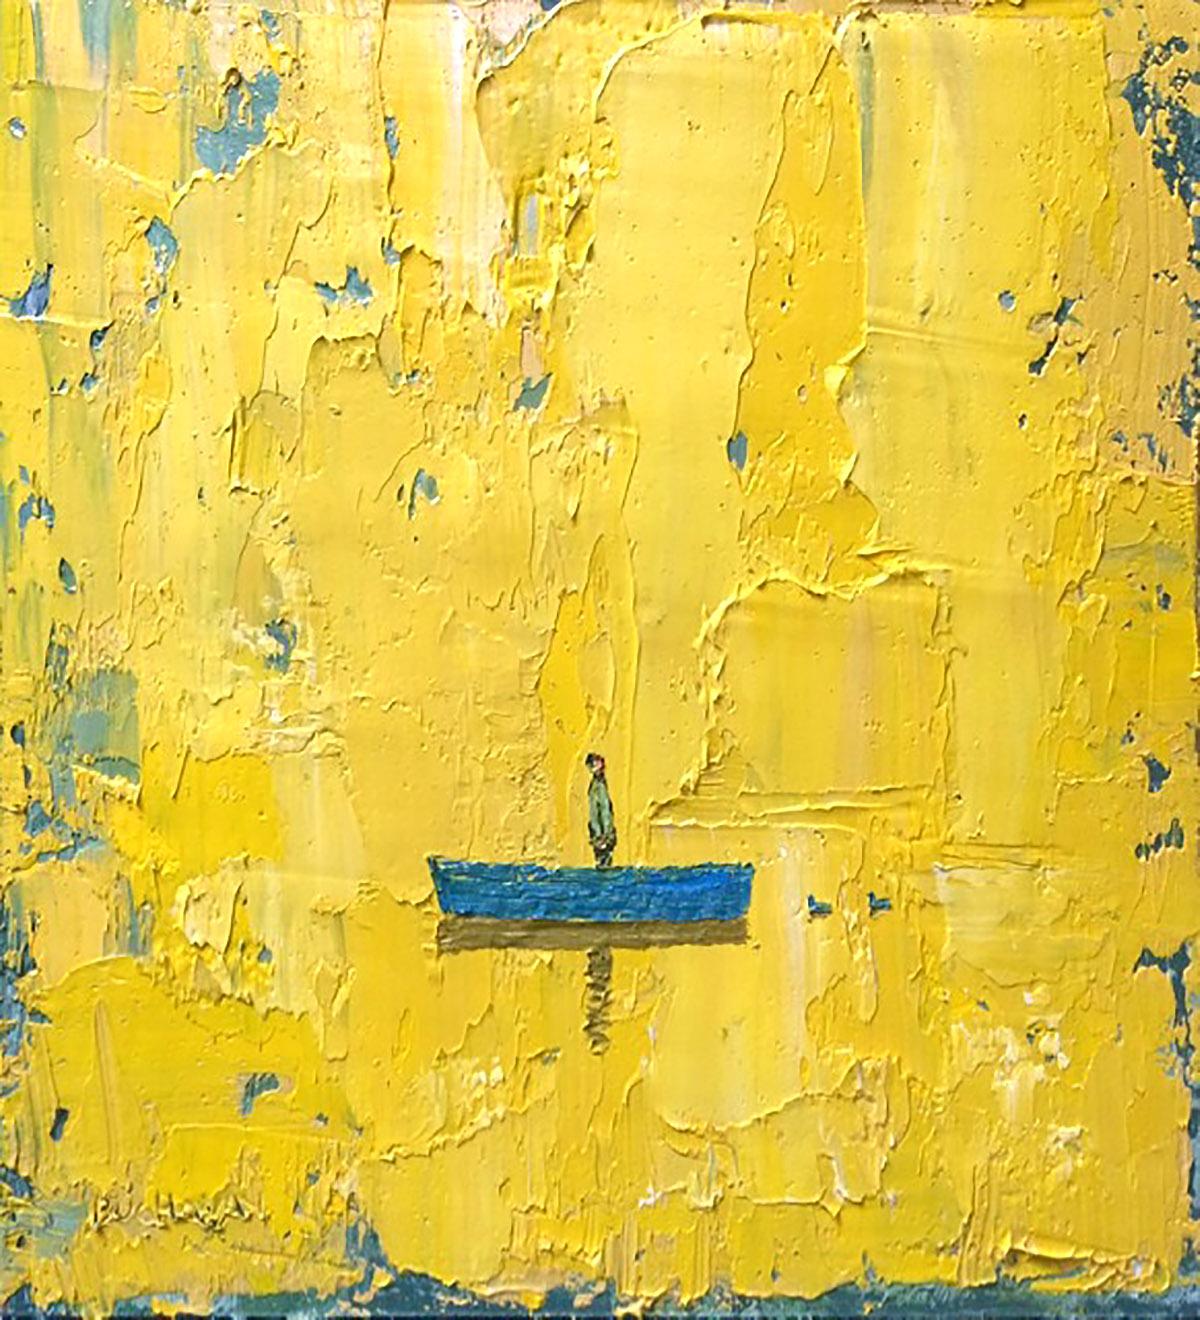 Stuart Buchanan - Drift, oils